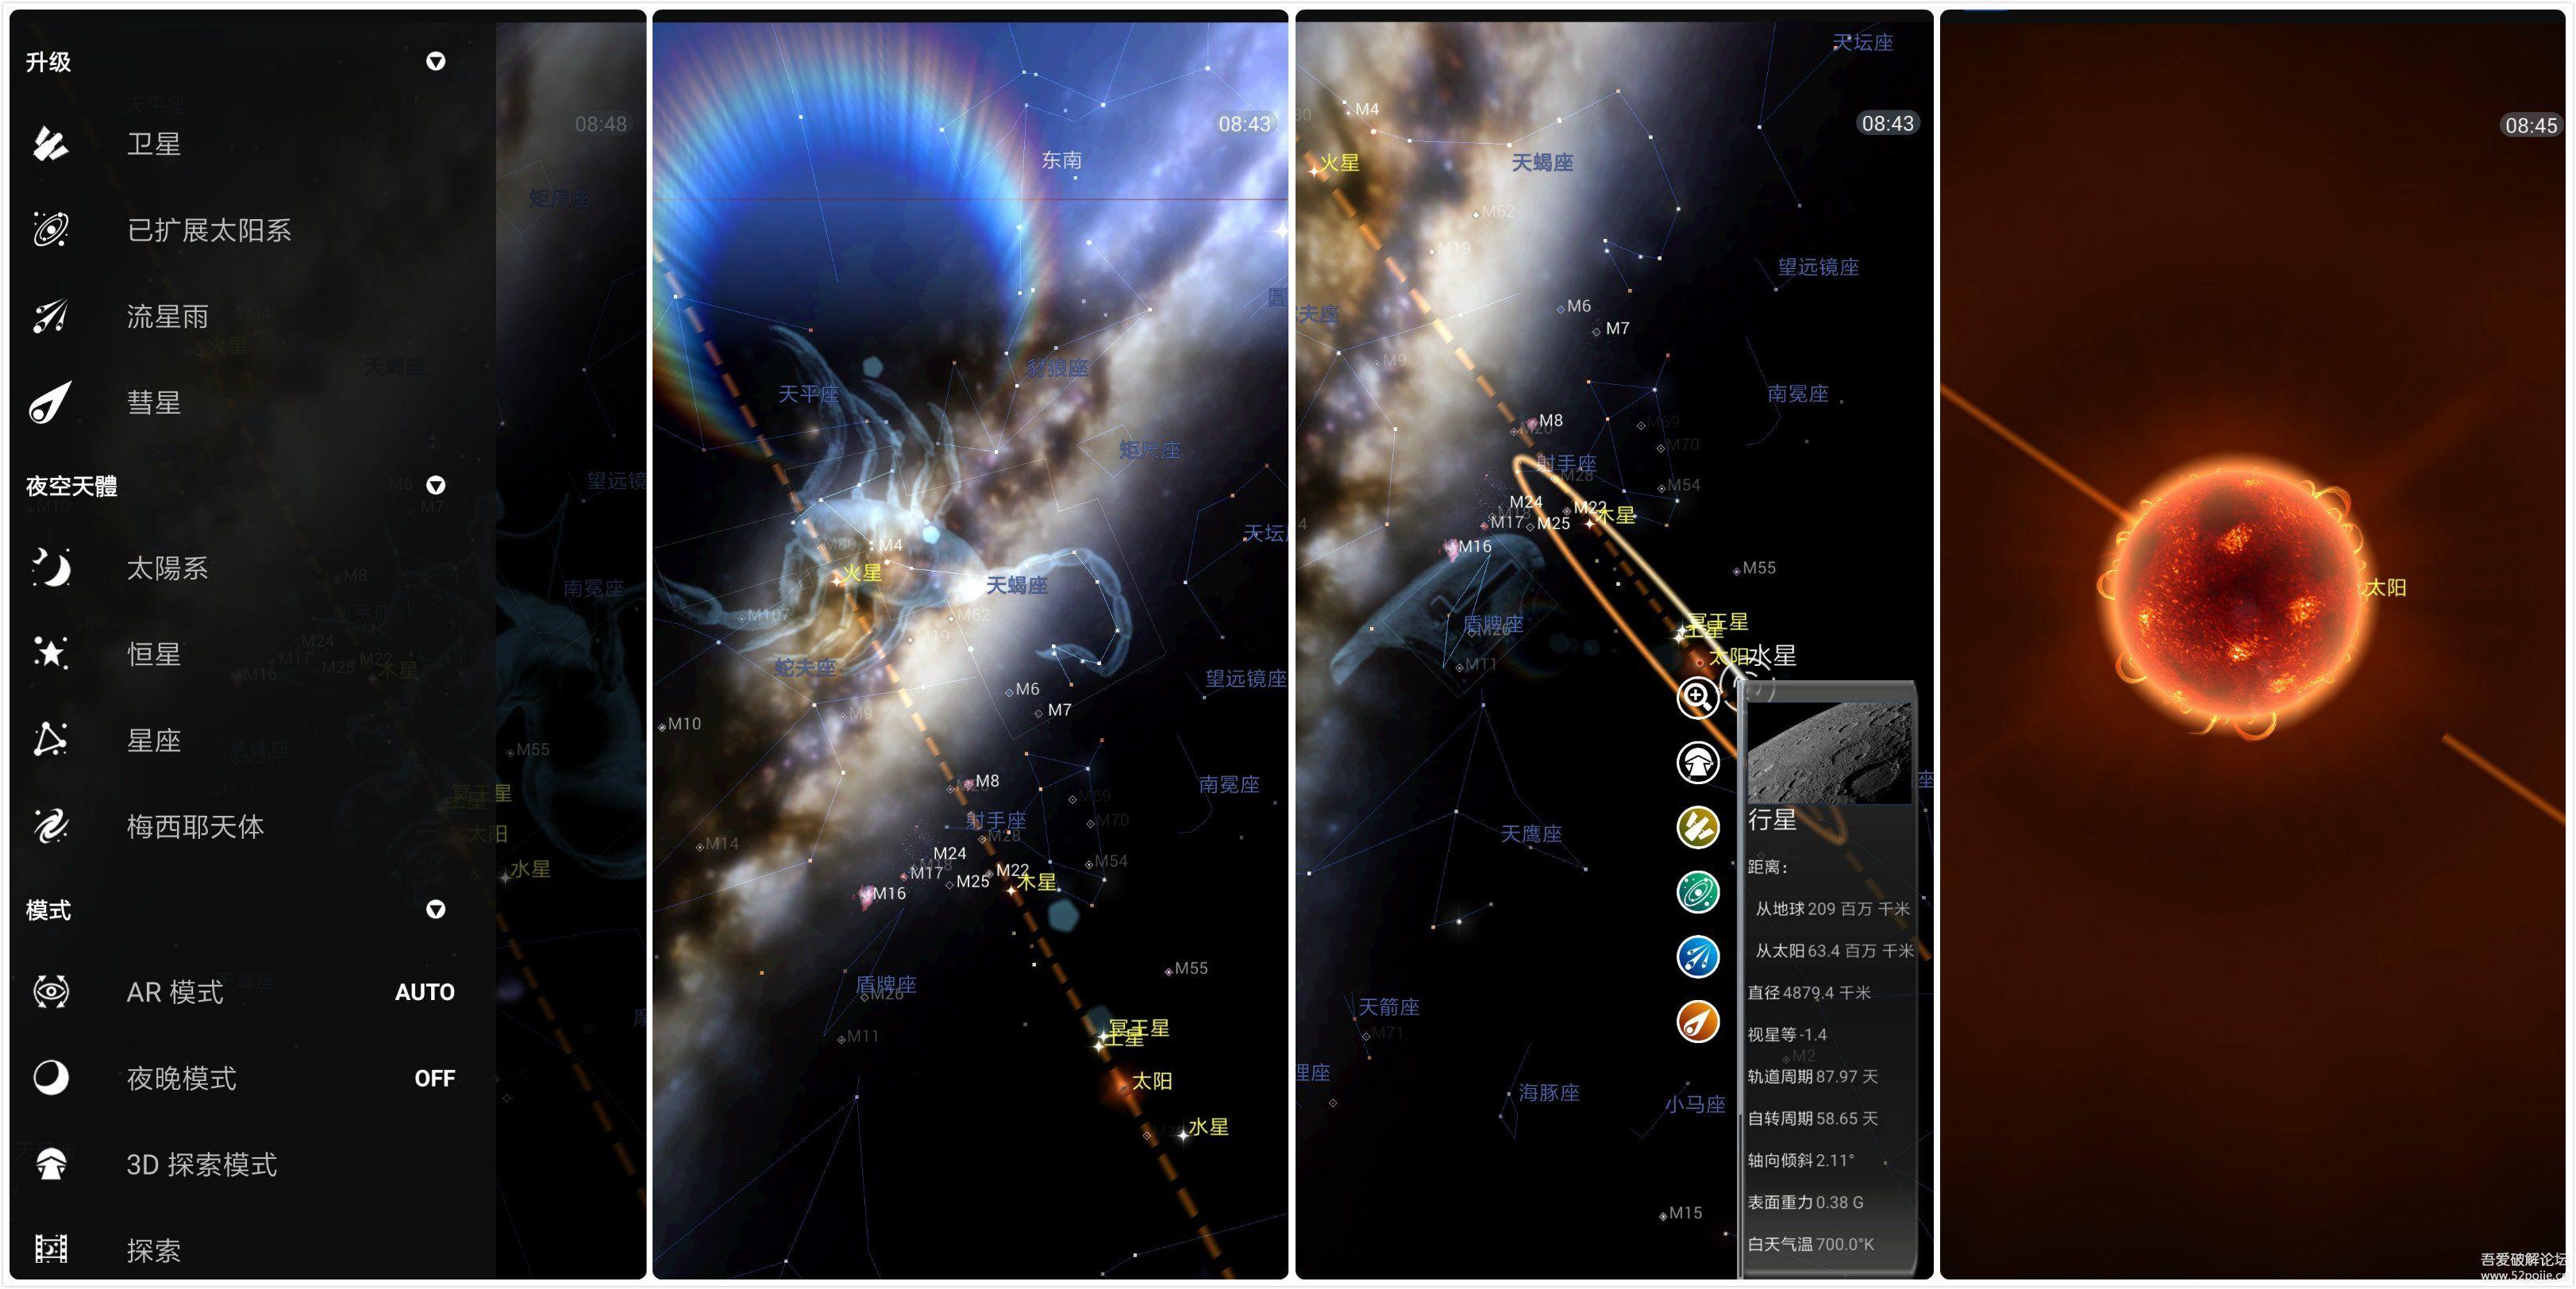 宇宙地图手机版,天文爱好者的福音